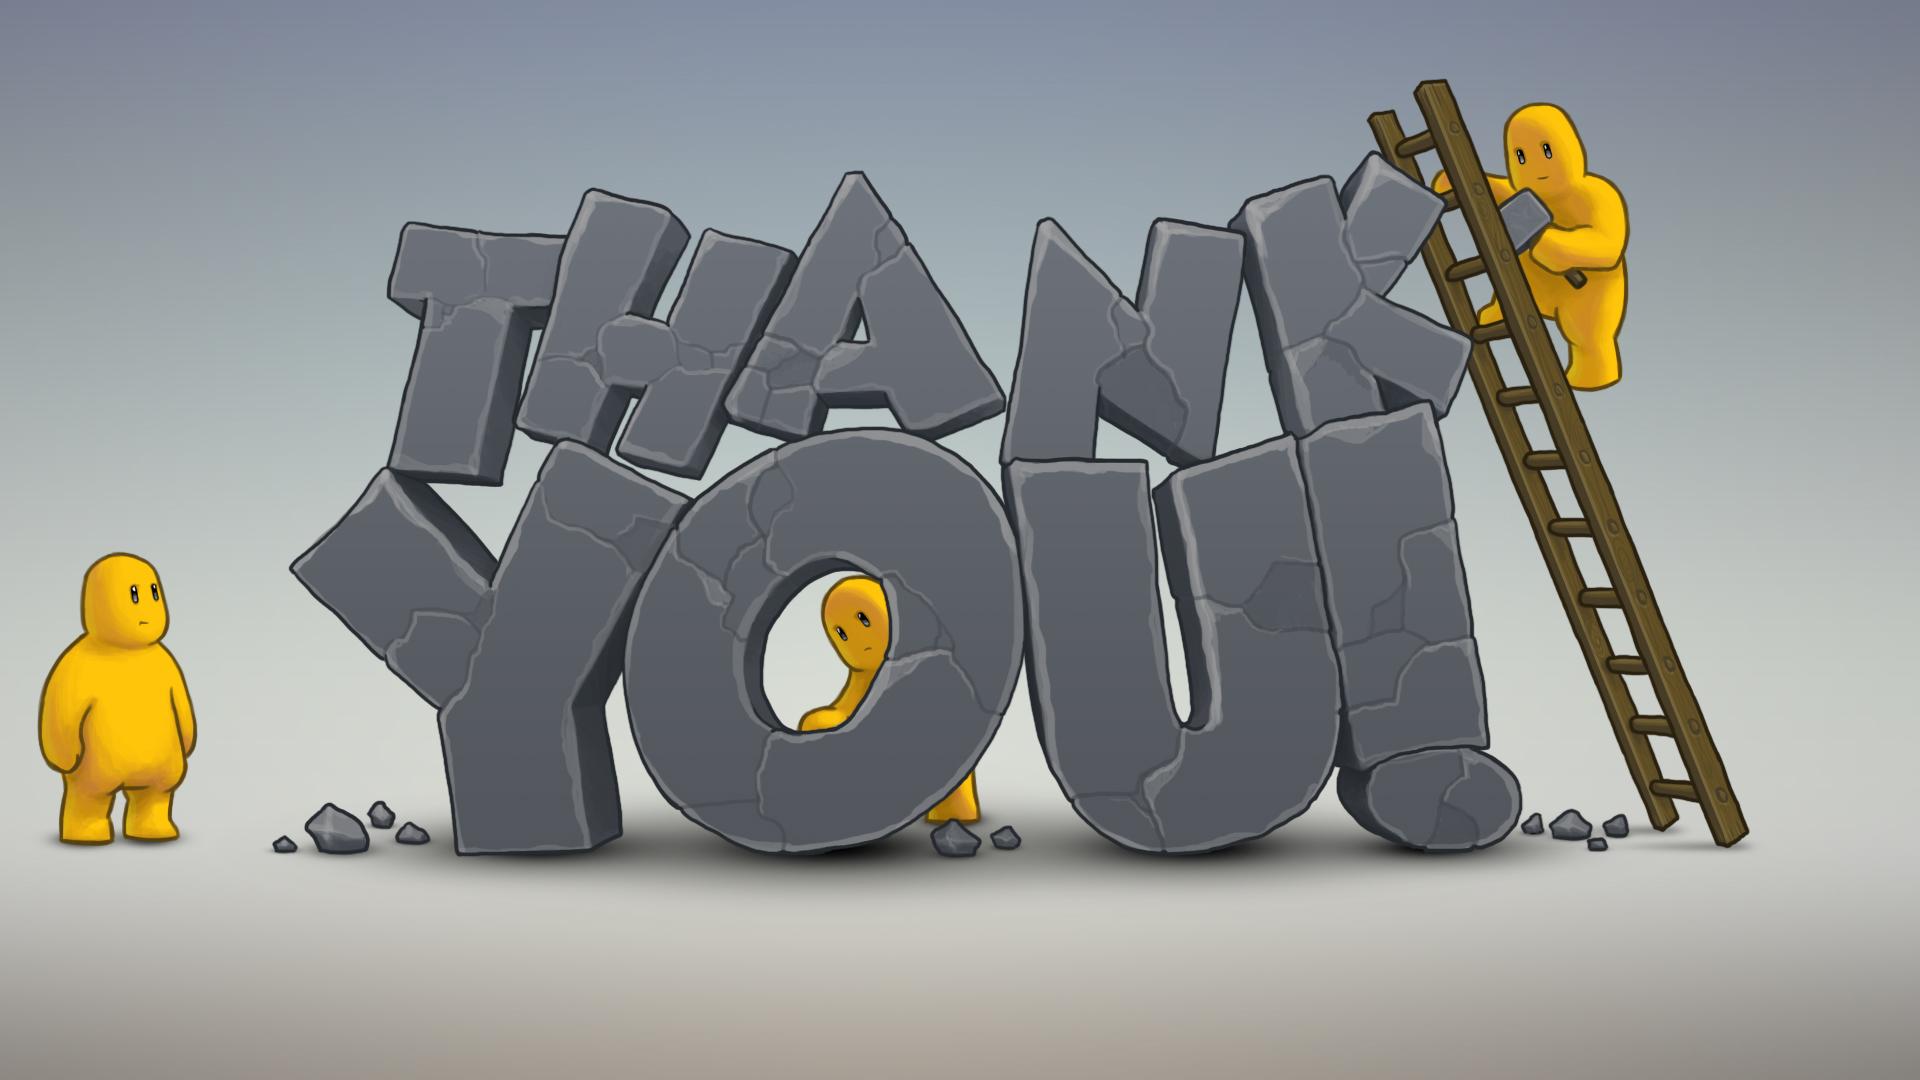 Thankyou Wallpapers Sf Wallpaper